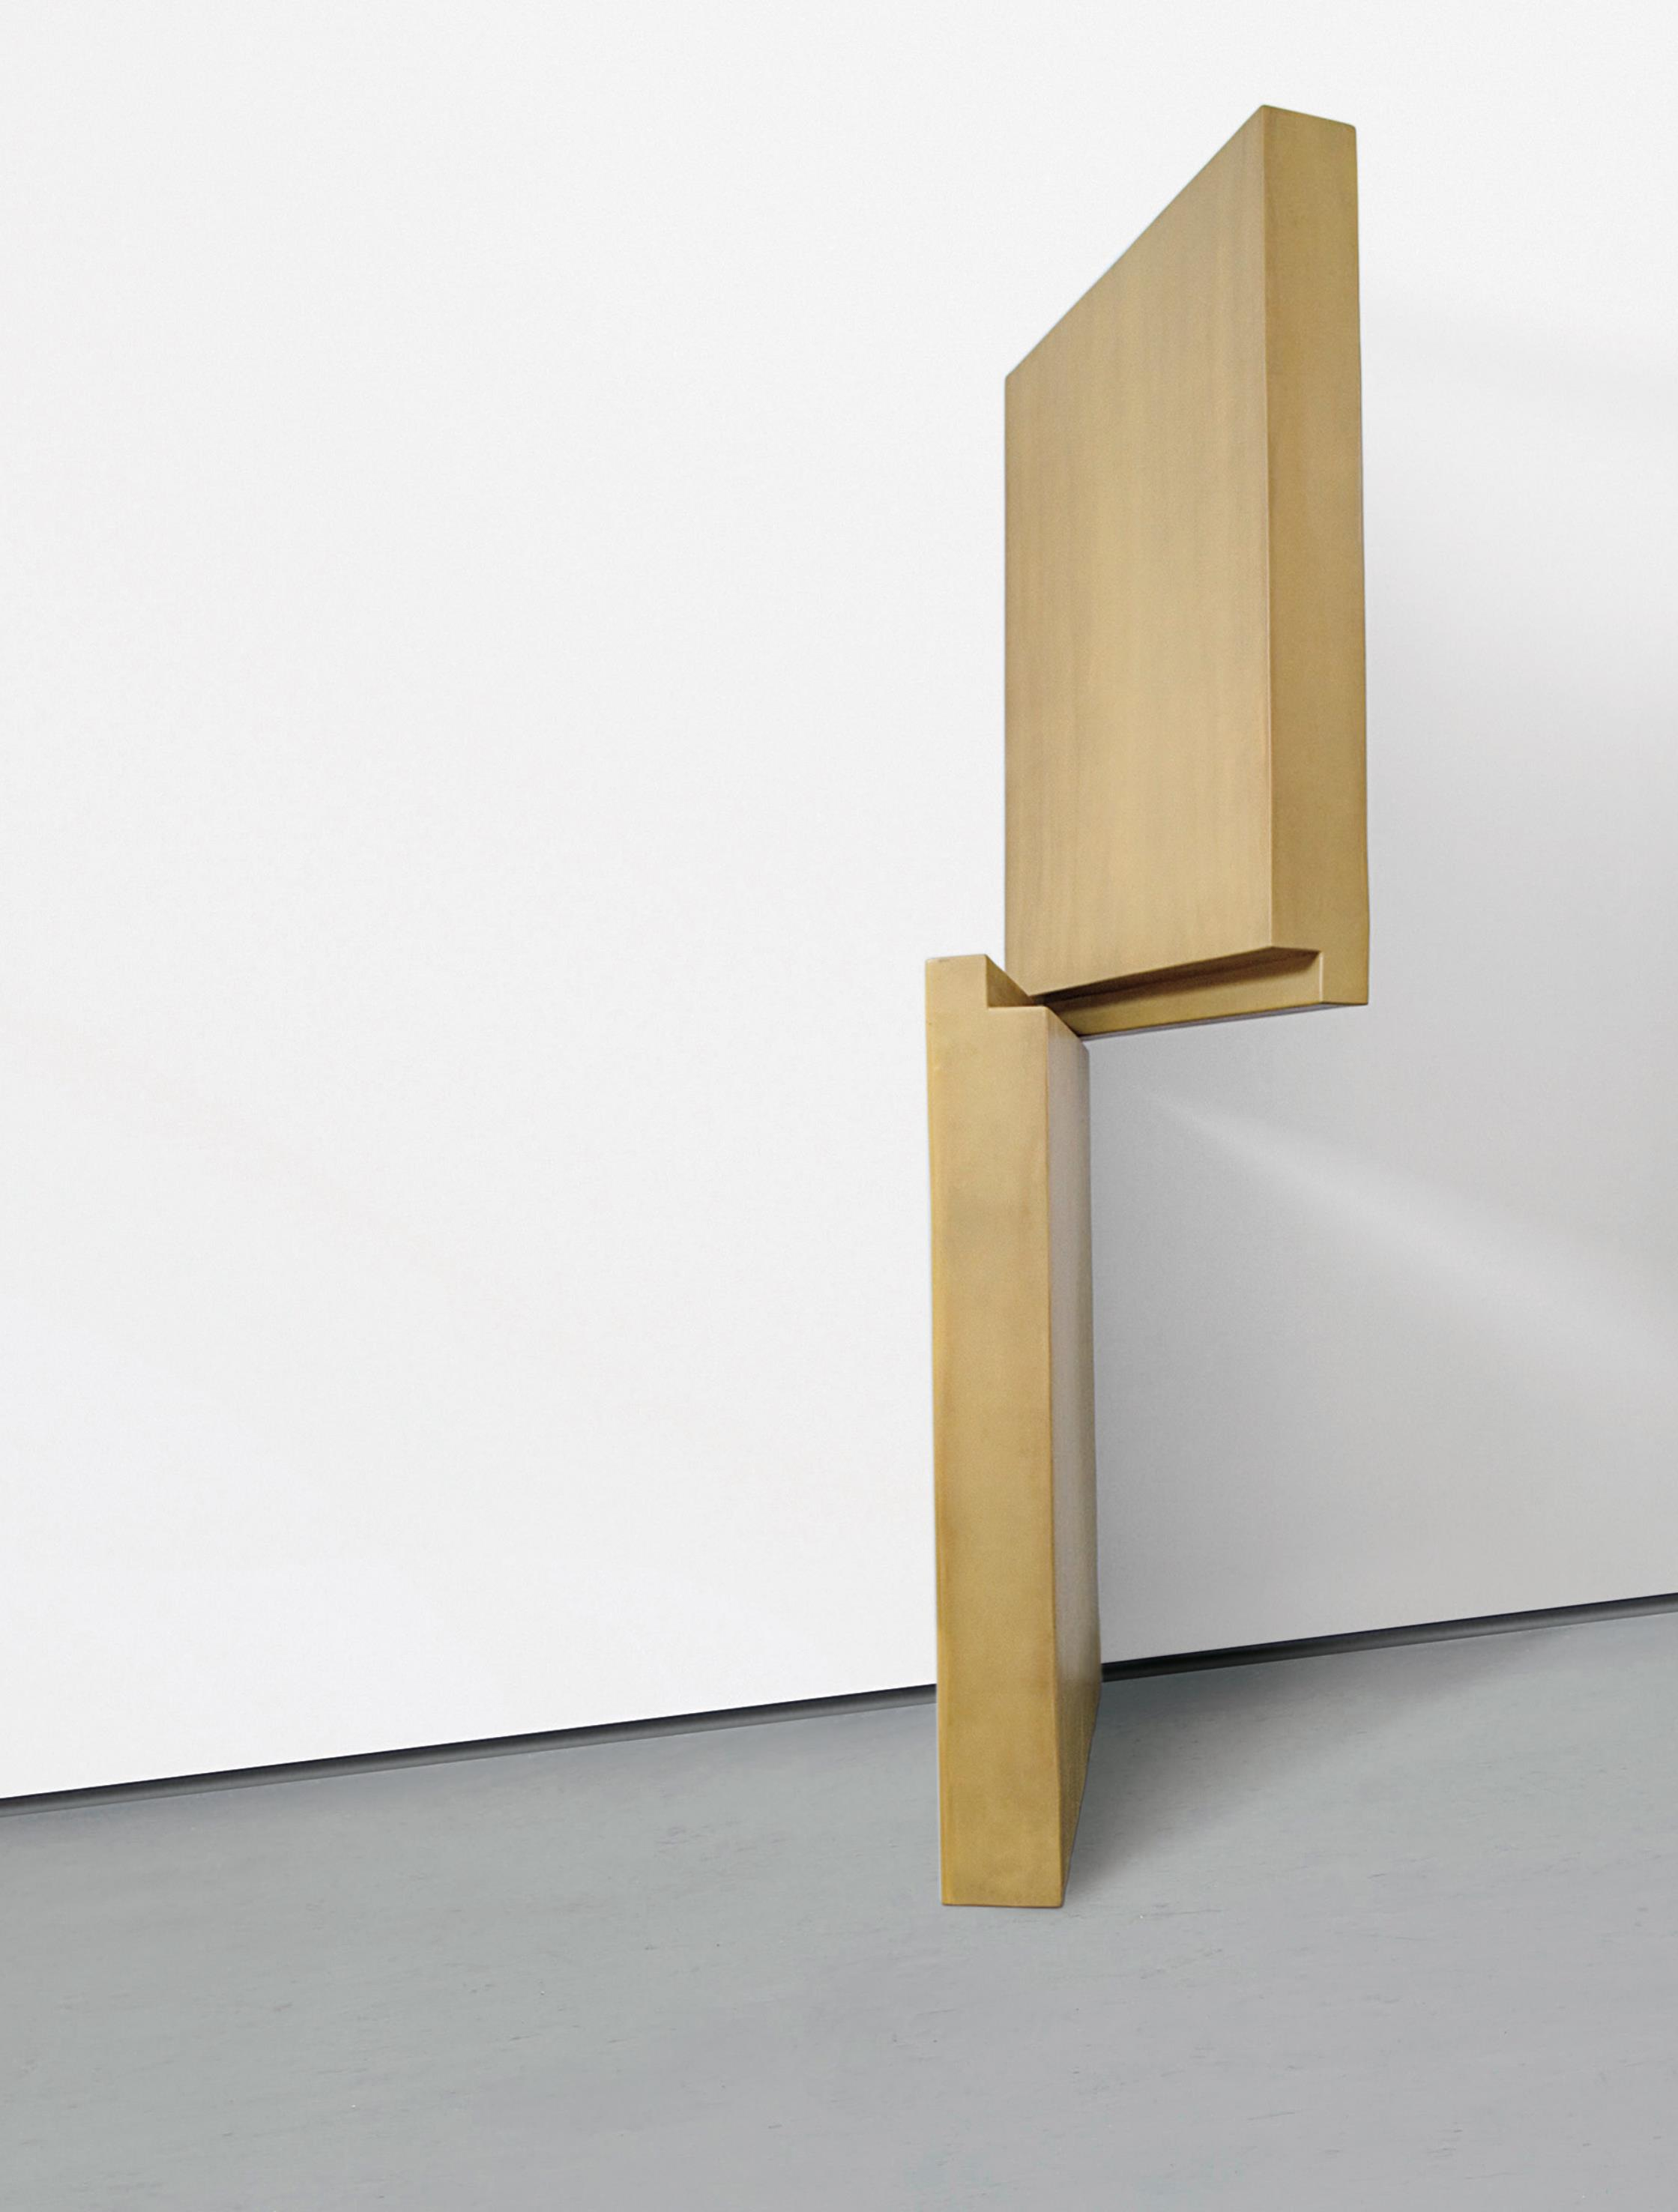 Robert Therrien-No Title (Brown Dutch Doors)-1999